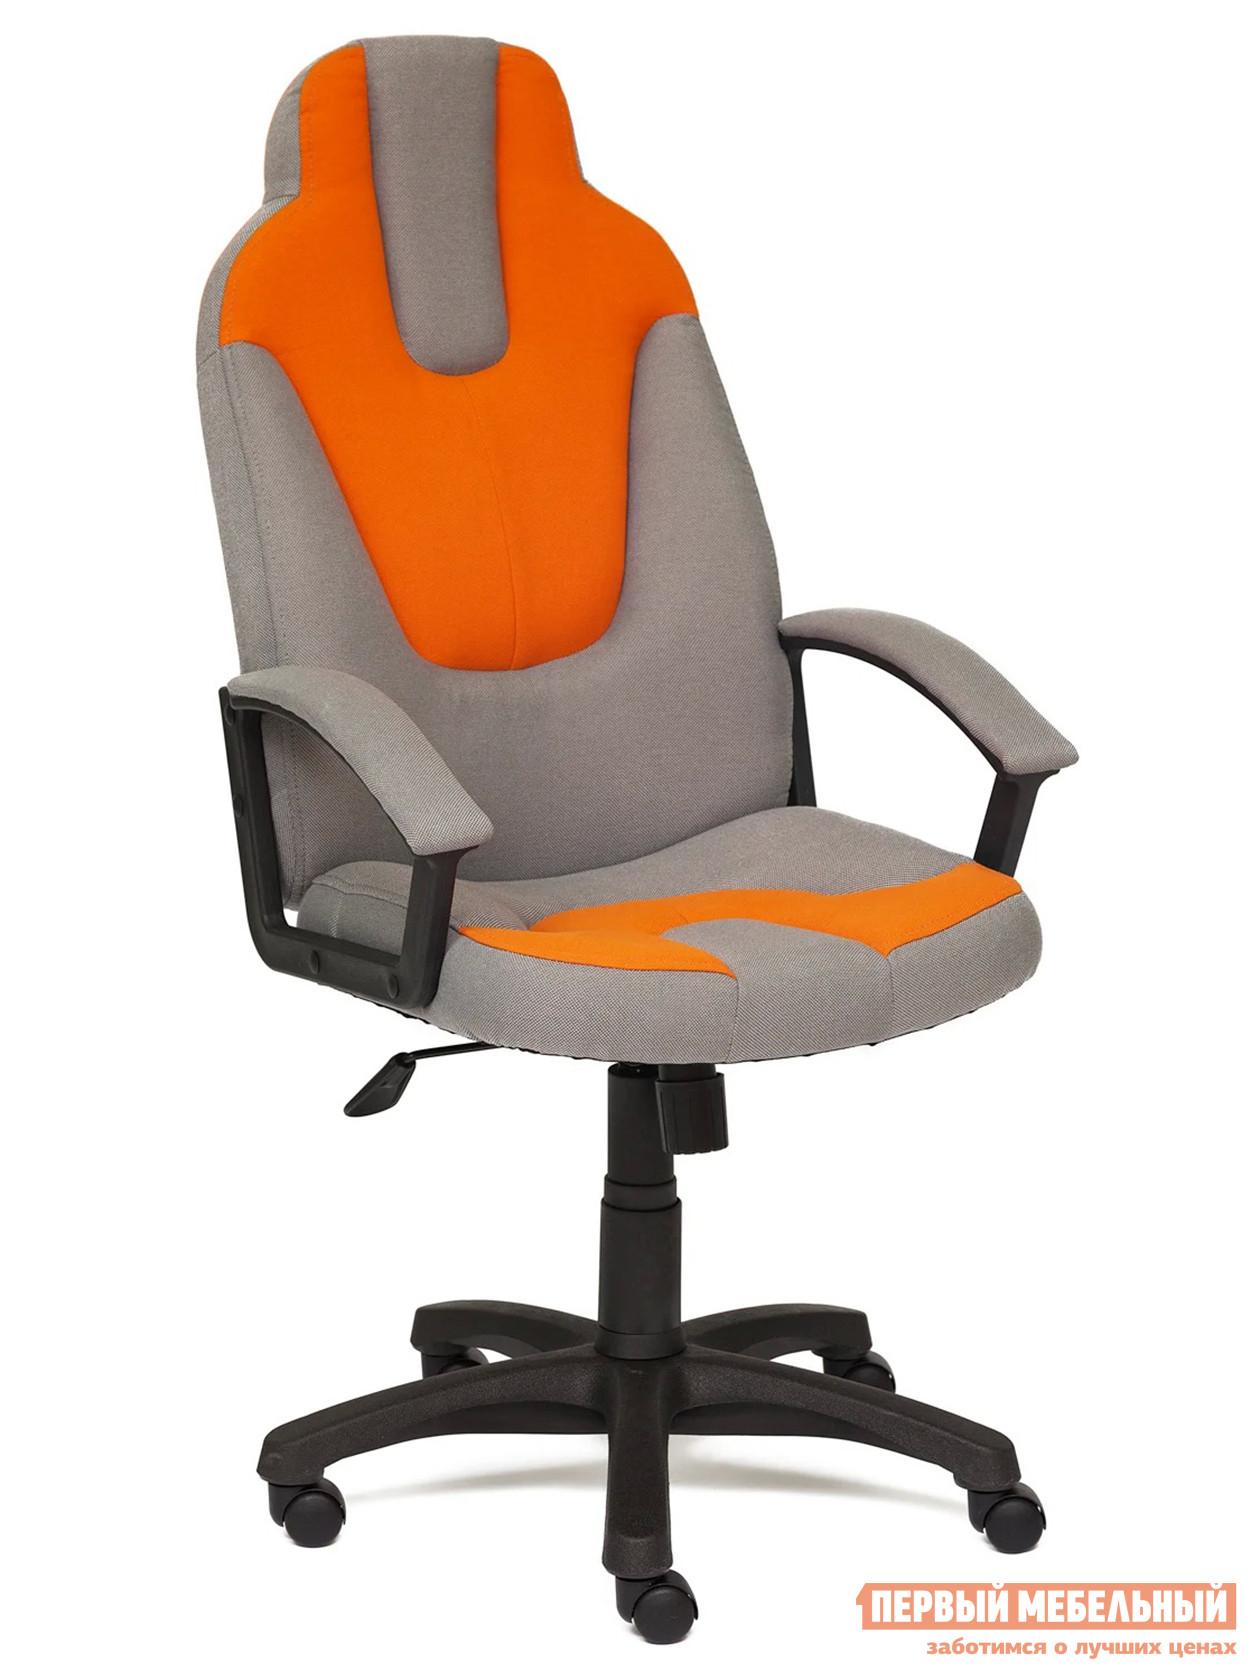 Игровое кресло  NEO (3) Ткань серая/оранжевая, С27/С23 — NEO (3) Ткань серая/оранжевая, С27/С23